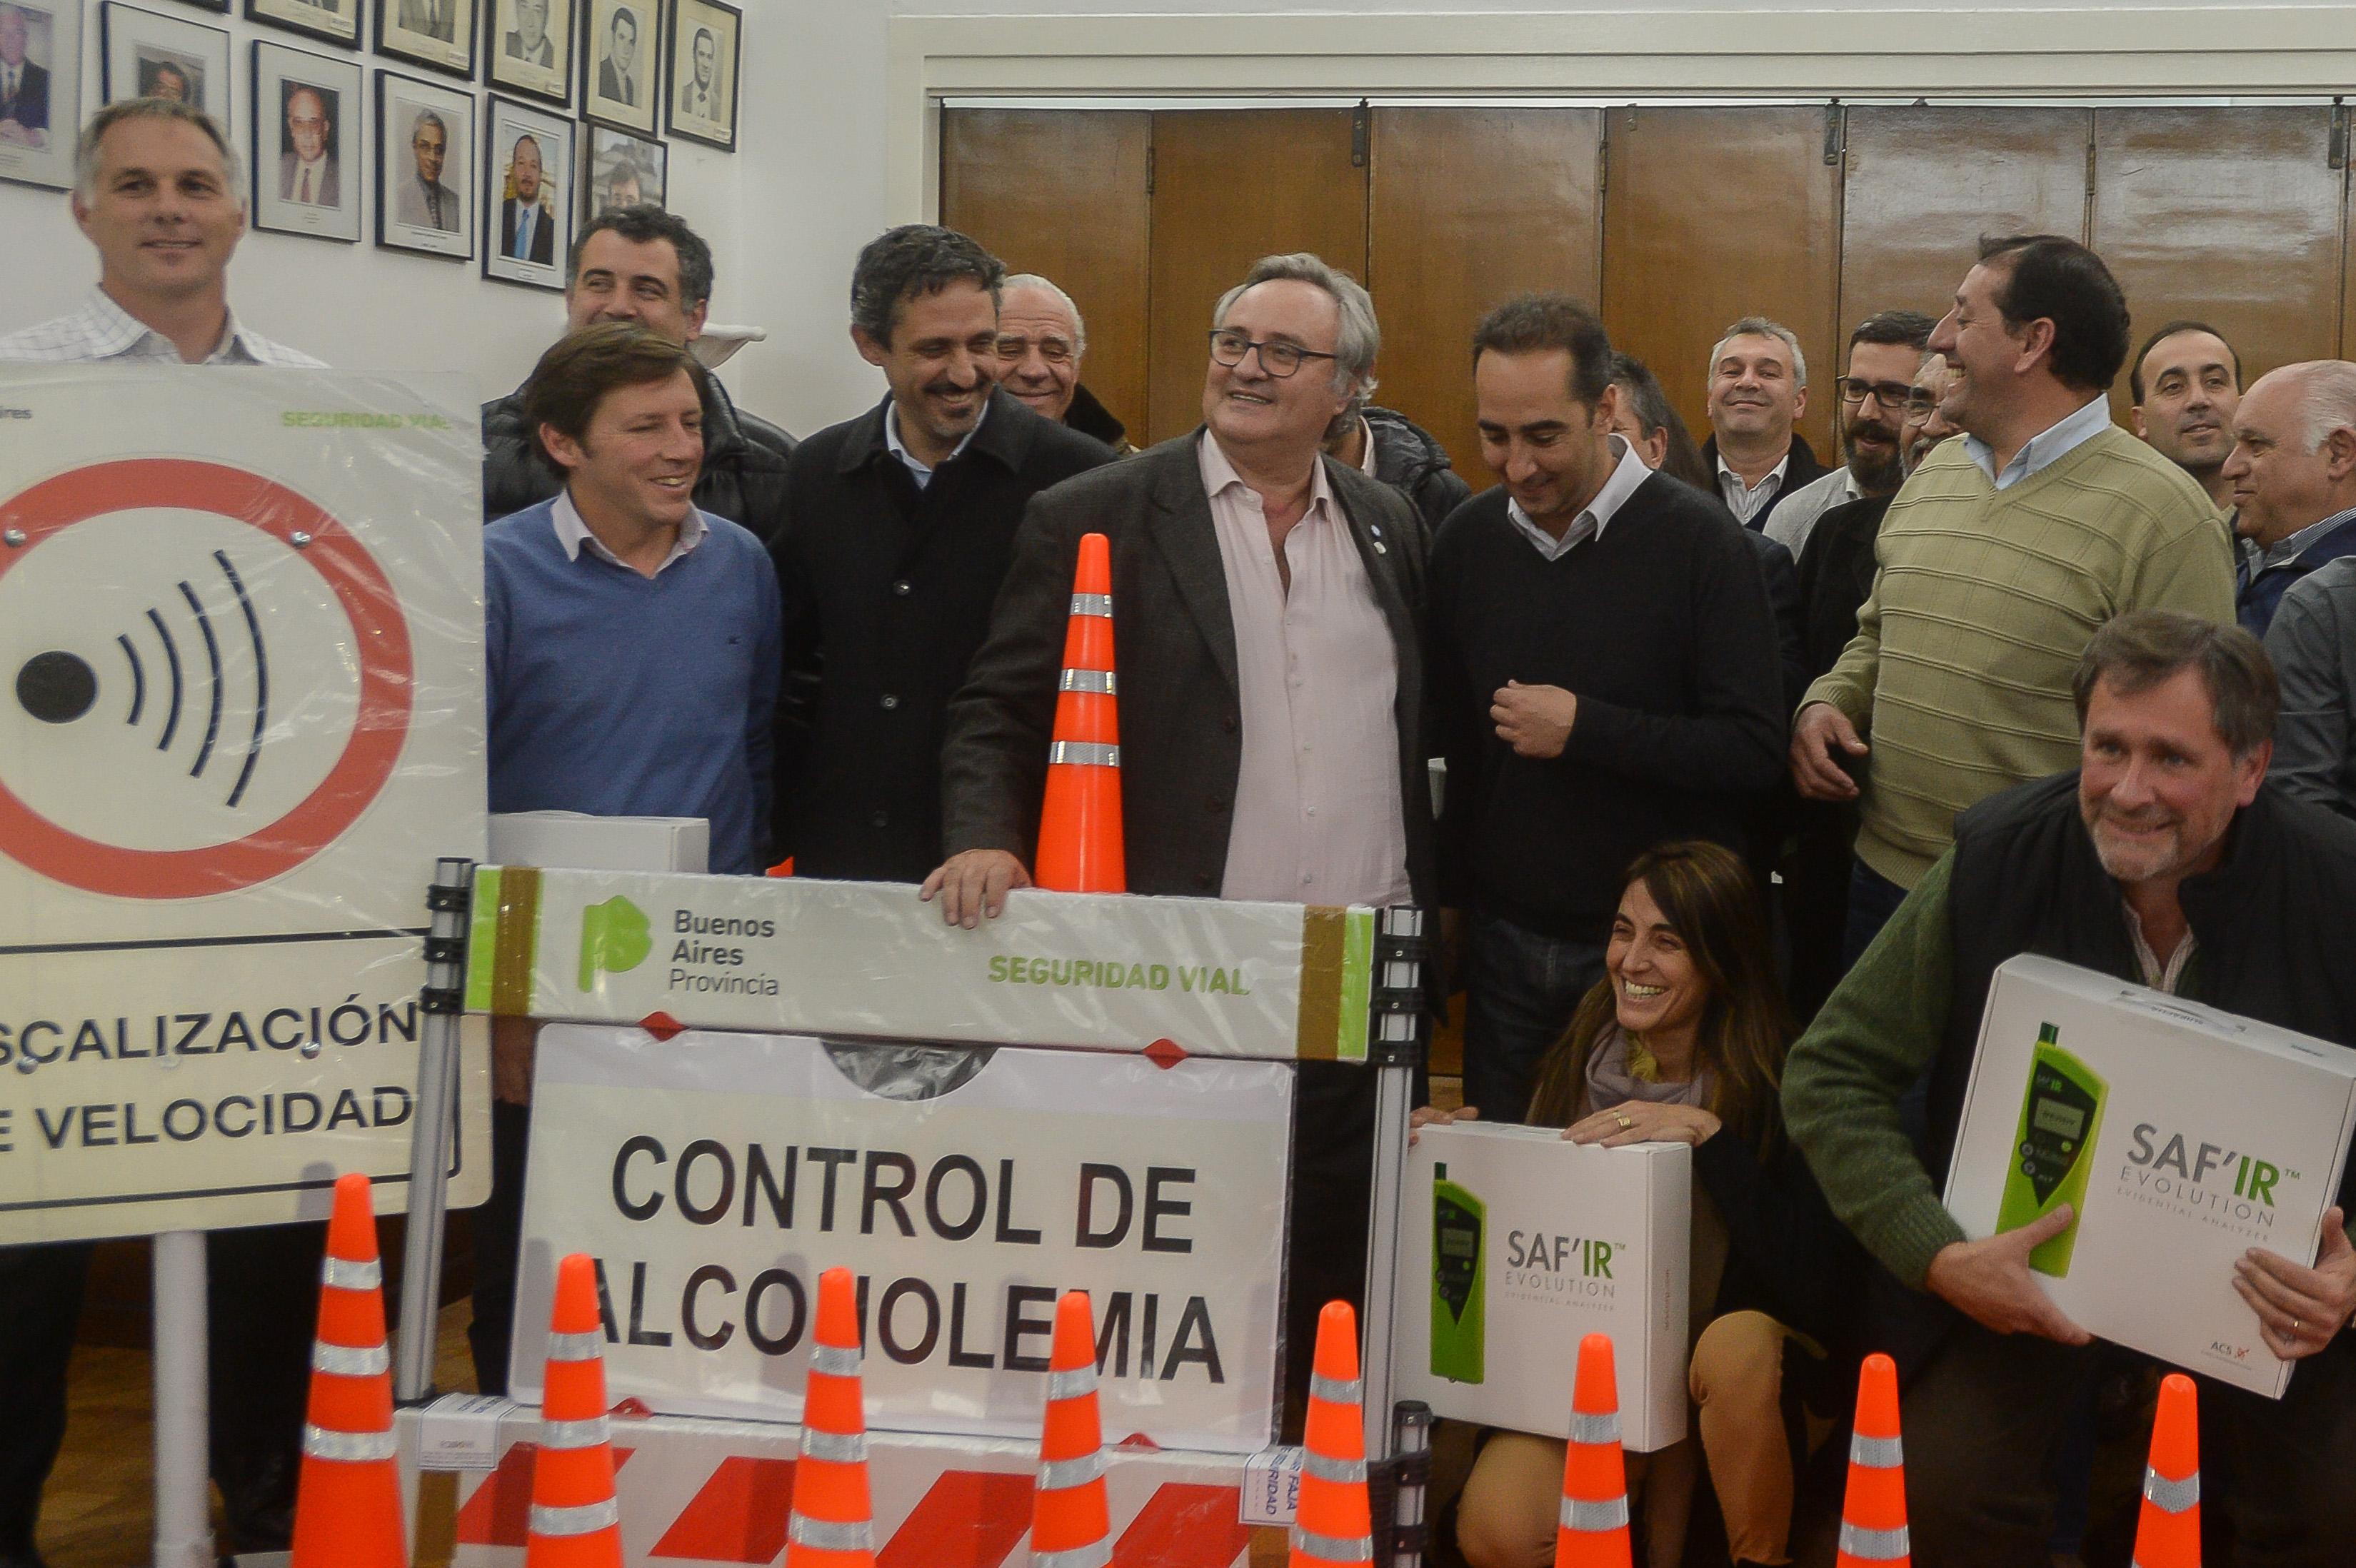 Morón / De La Torre entregó kits de alcoholemia a 14 municipios